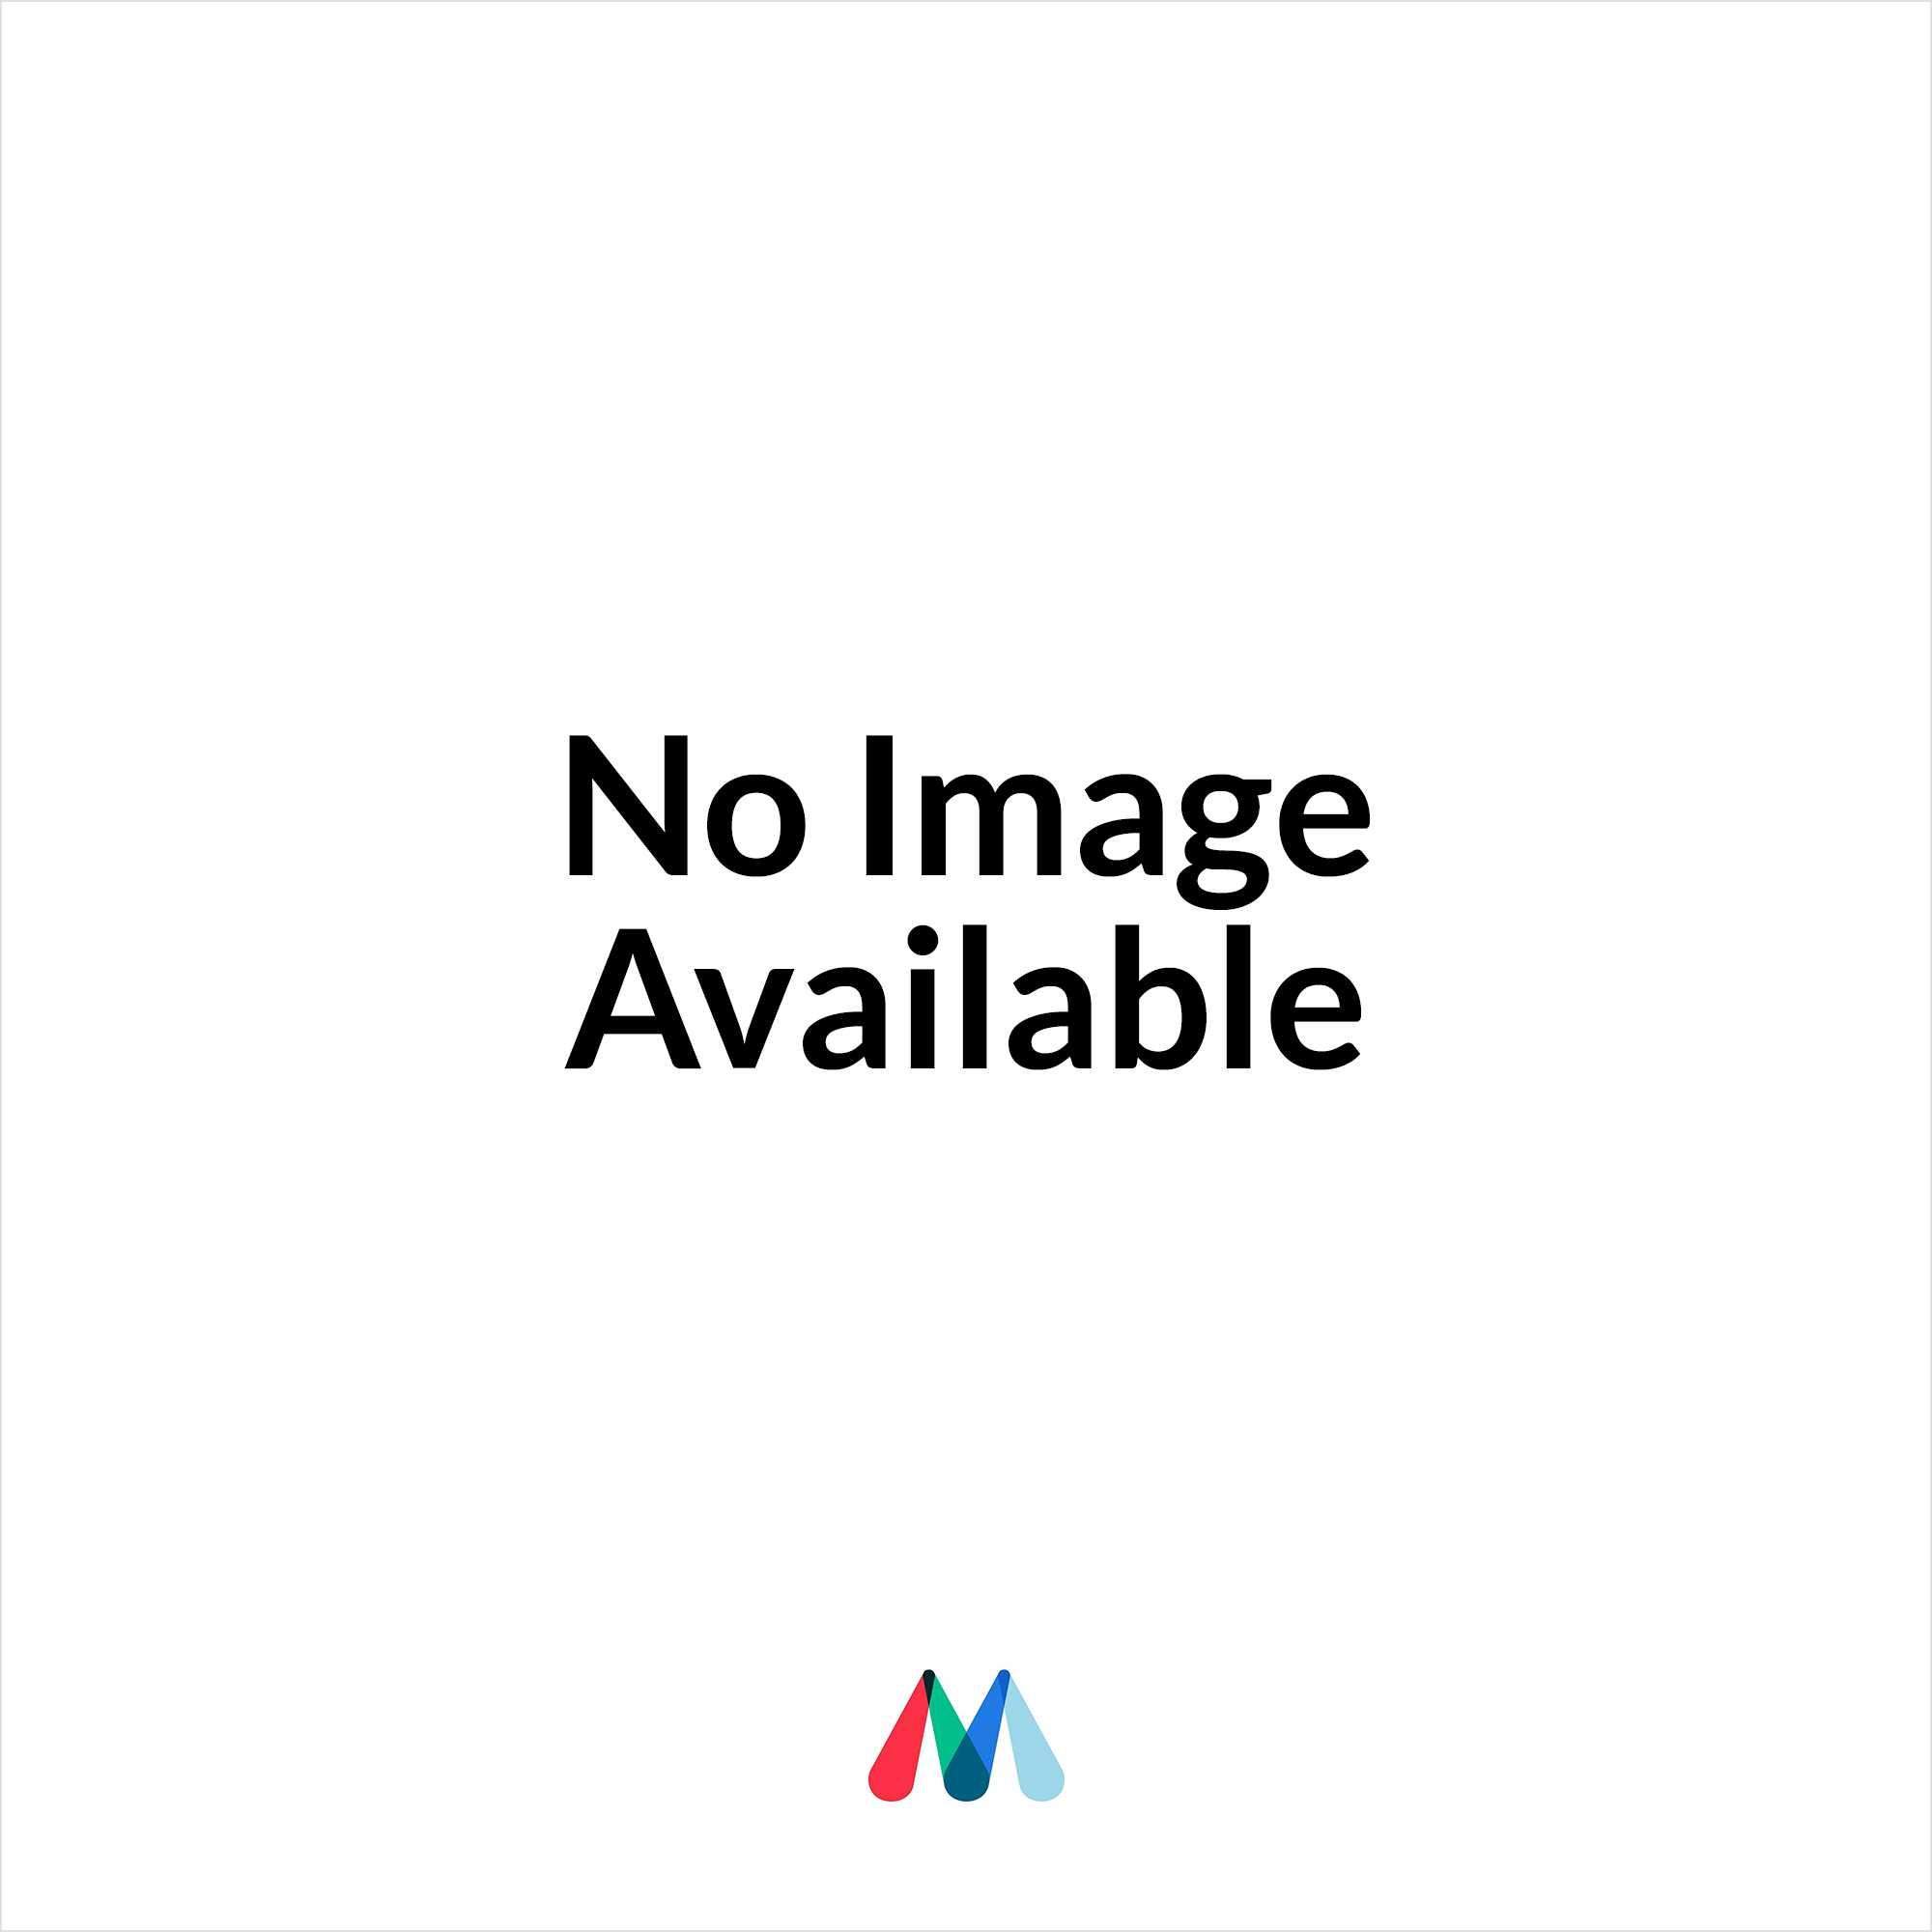 Collingwood Lighting MF02 IP adjustable LED mini light - Stainless steel - Low voltage